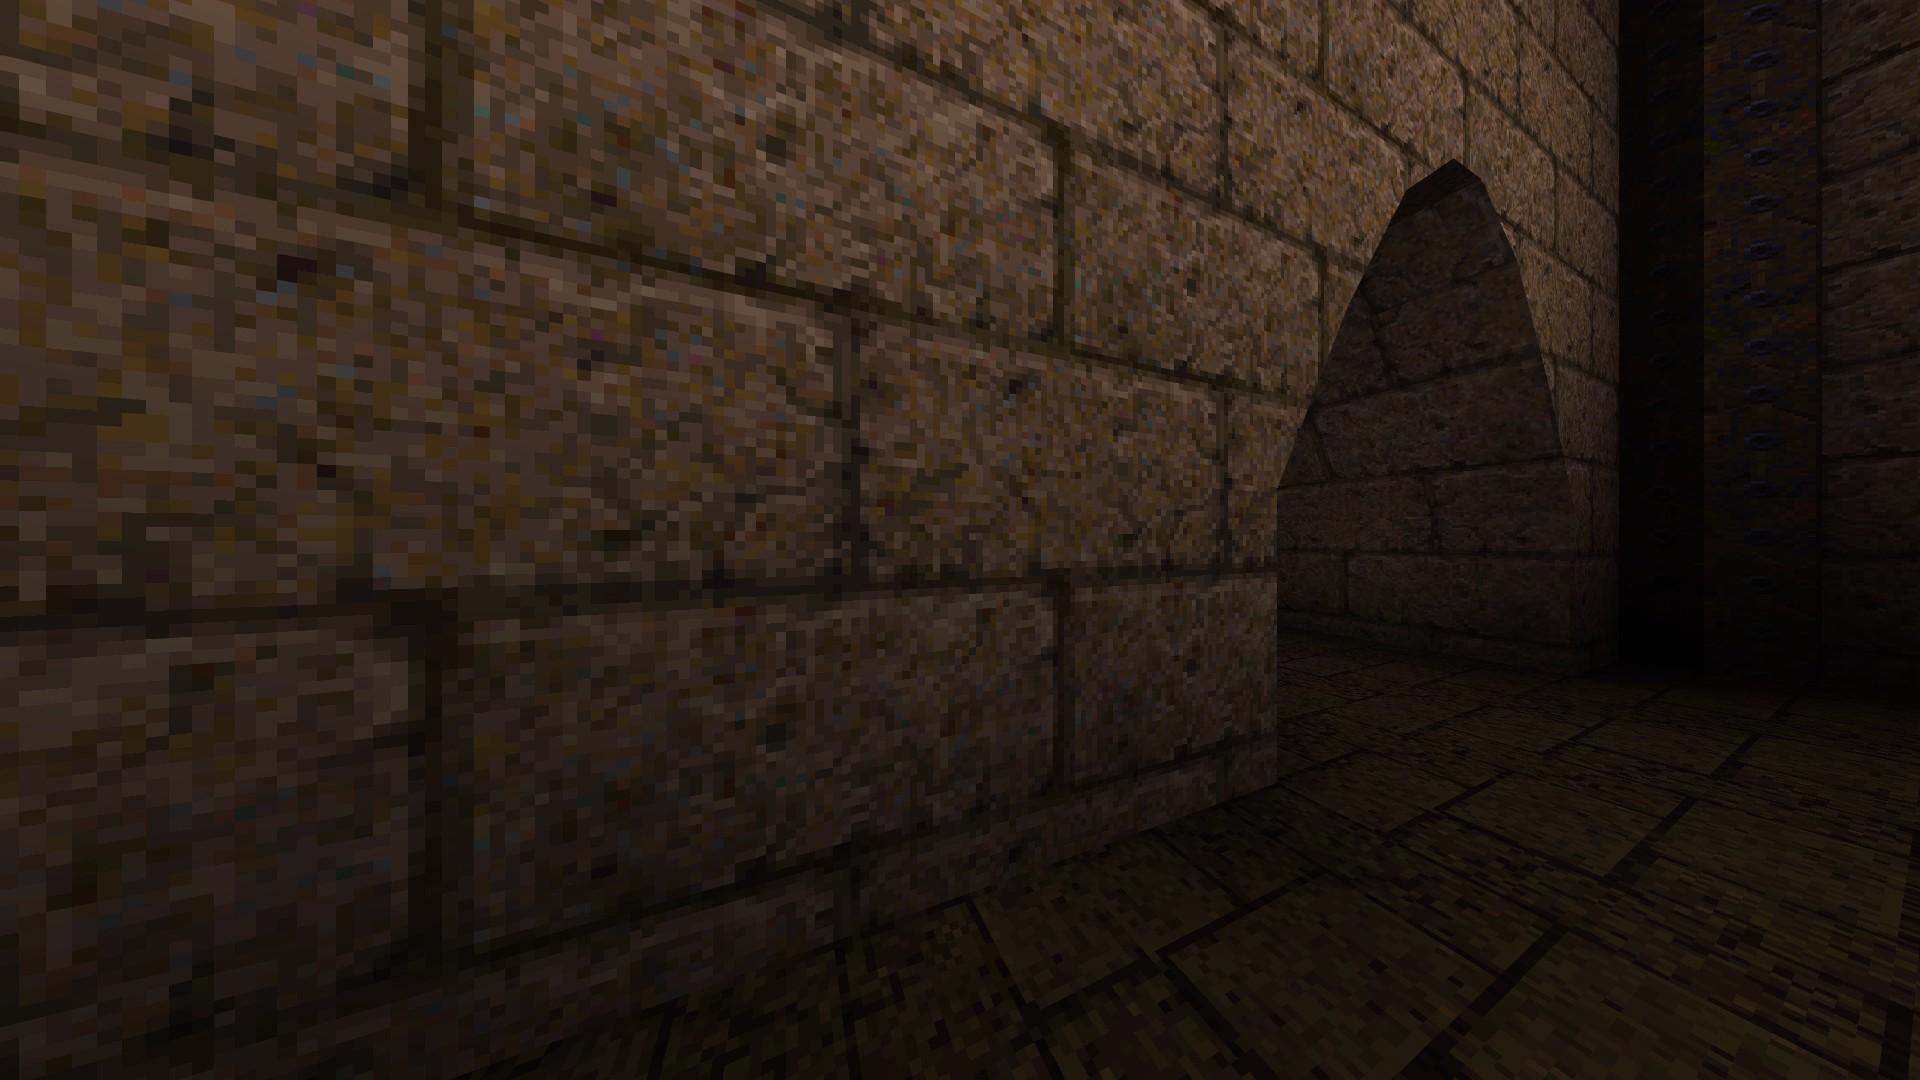 Quake - Locations of All Secrets in Game Tips - E2: Dominion of Darkness - Part I - 2E0F3E2